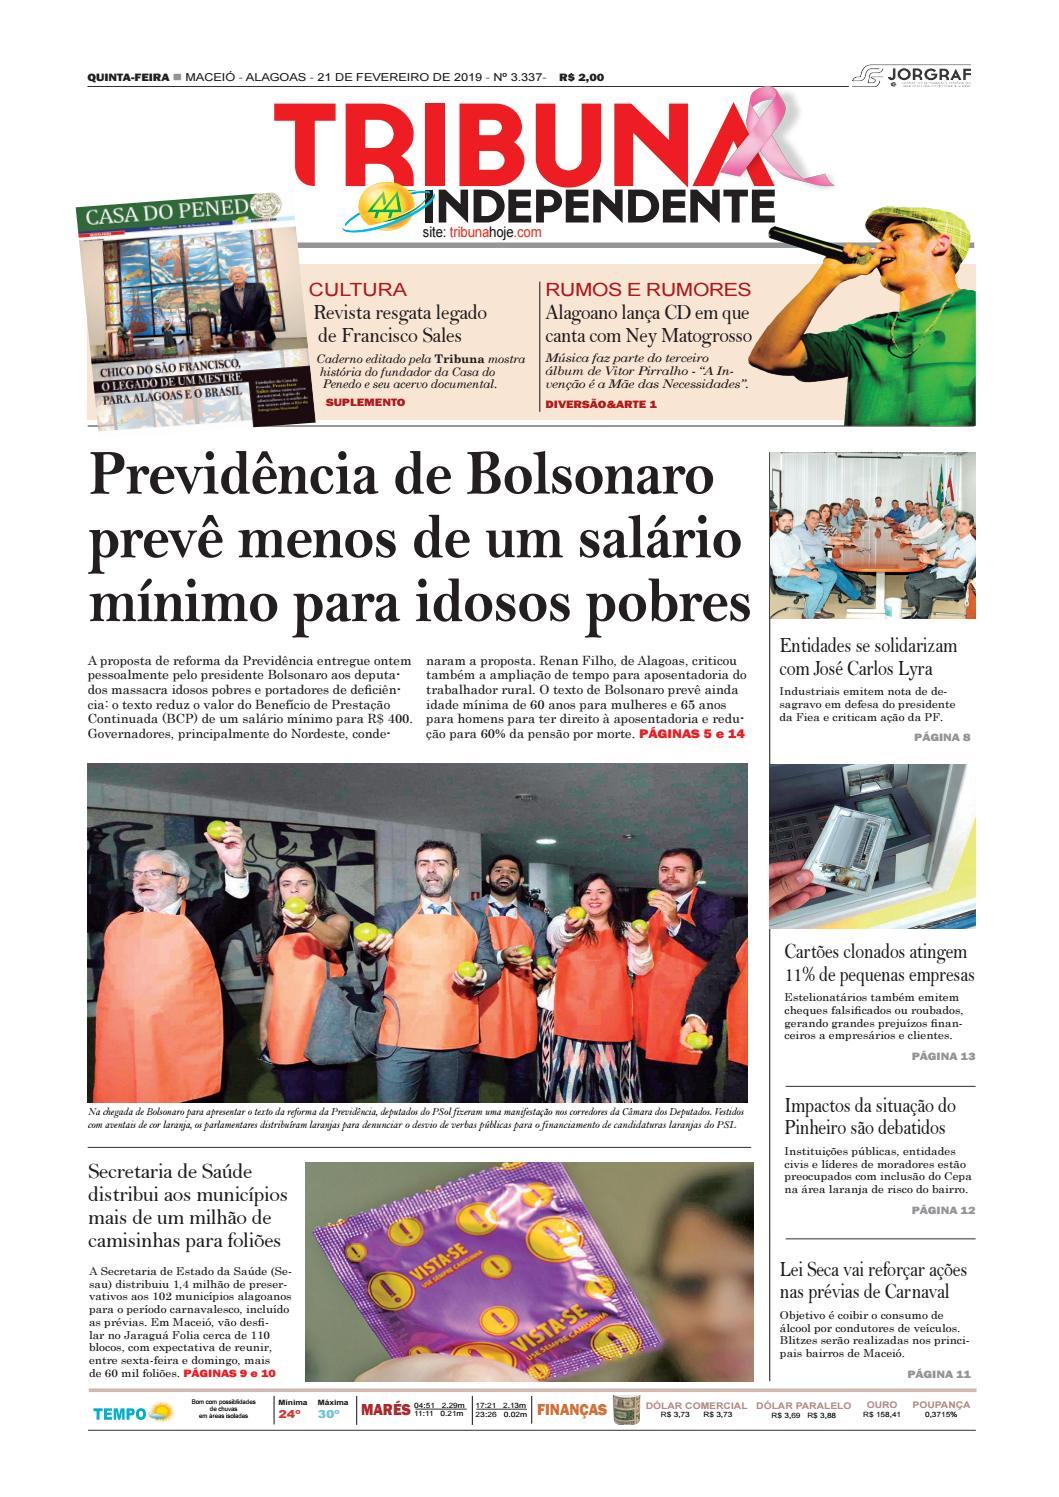 c57c6058b65 Edição número 3337 - 21 de fevereiro de 2019 by Tribuna Hoje - issuu